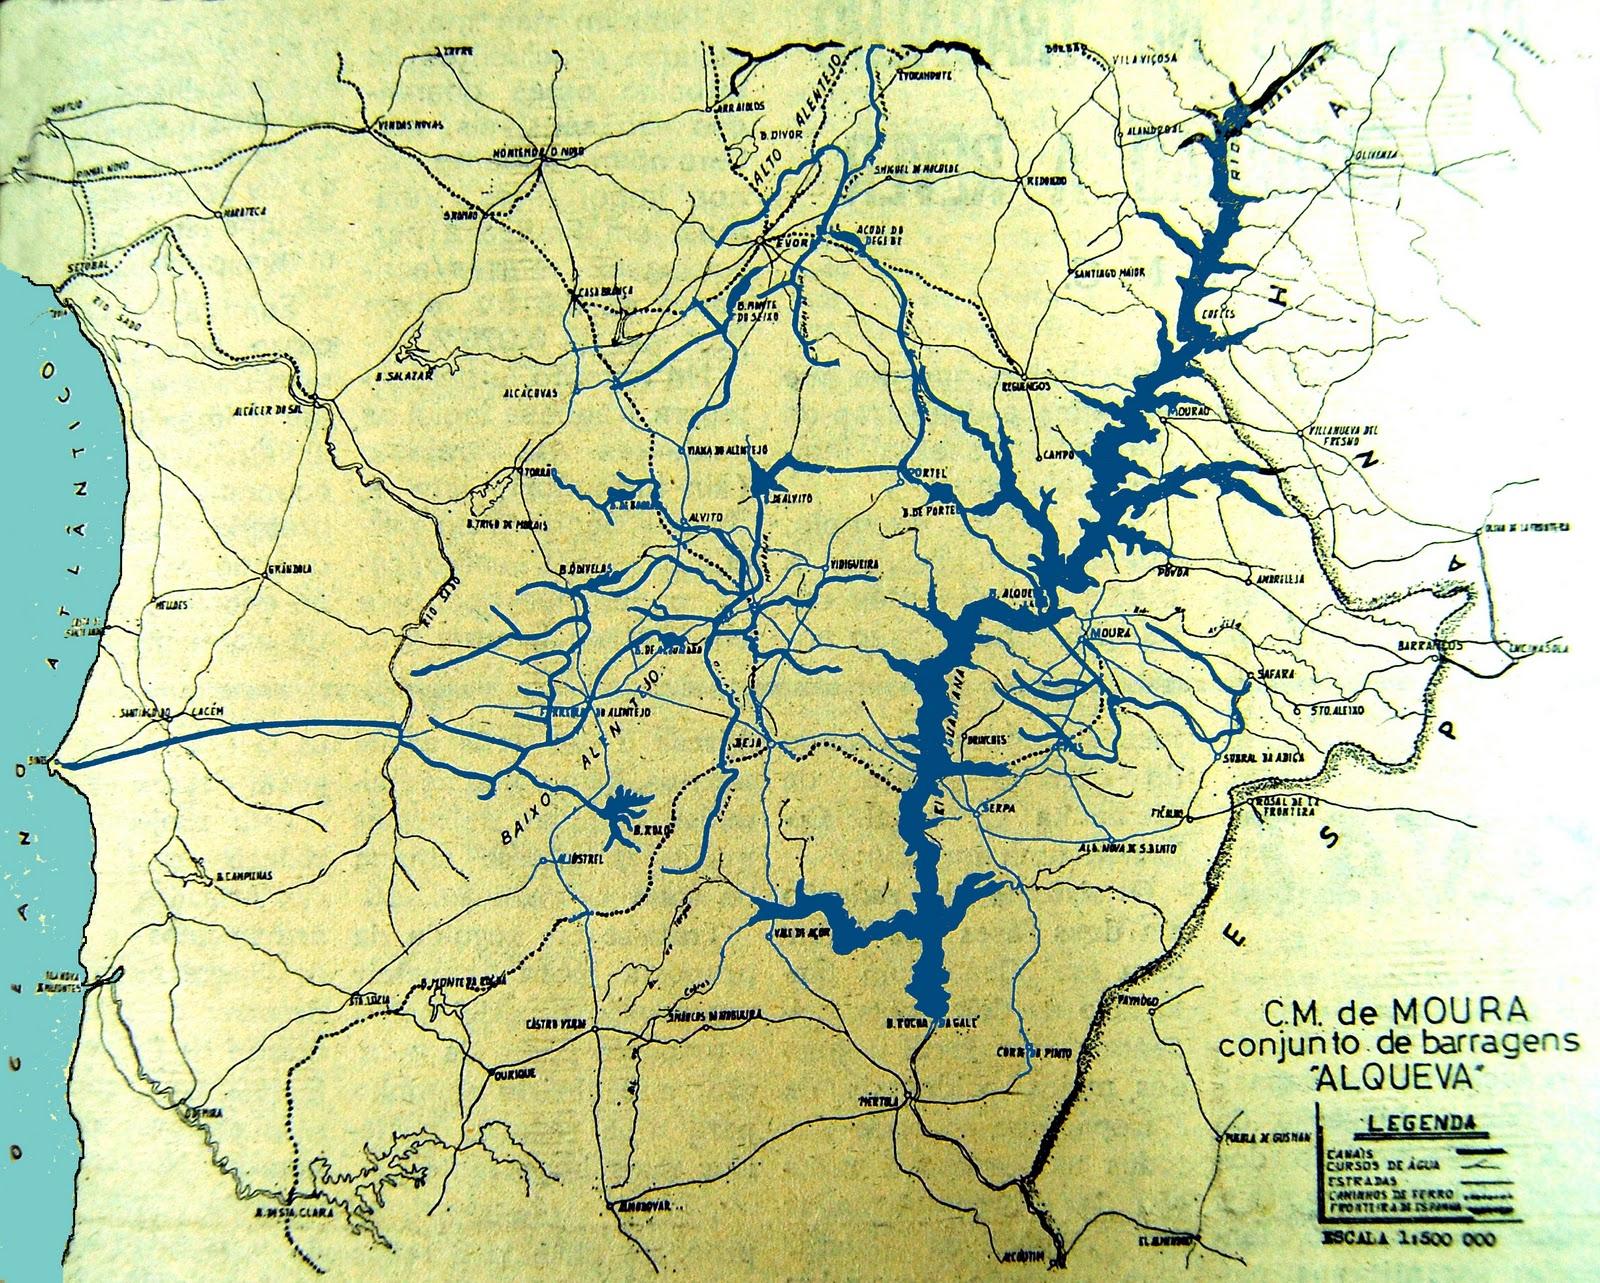 mapa de portugal barragem do alqueva Beja y Arrabaldes: Barragem de Alqueva (II)   1975   Aprovação mapa de portugal barragem do alqueva